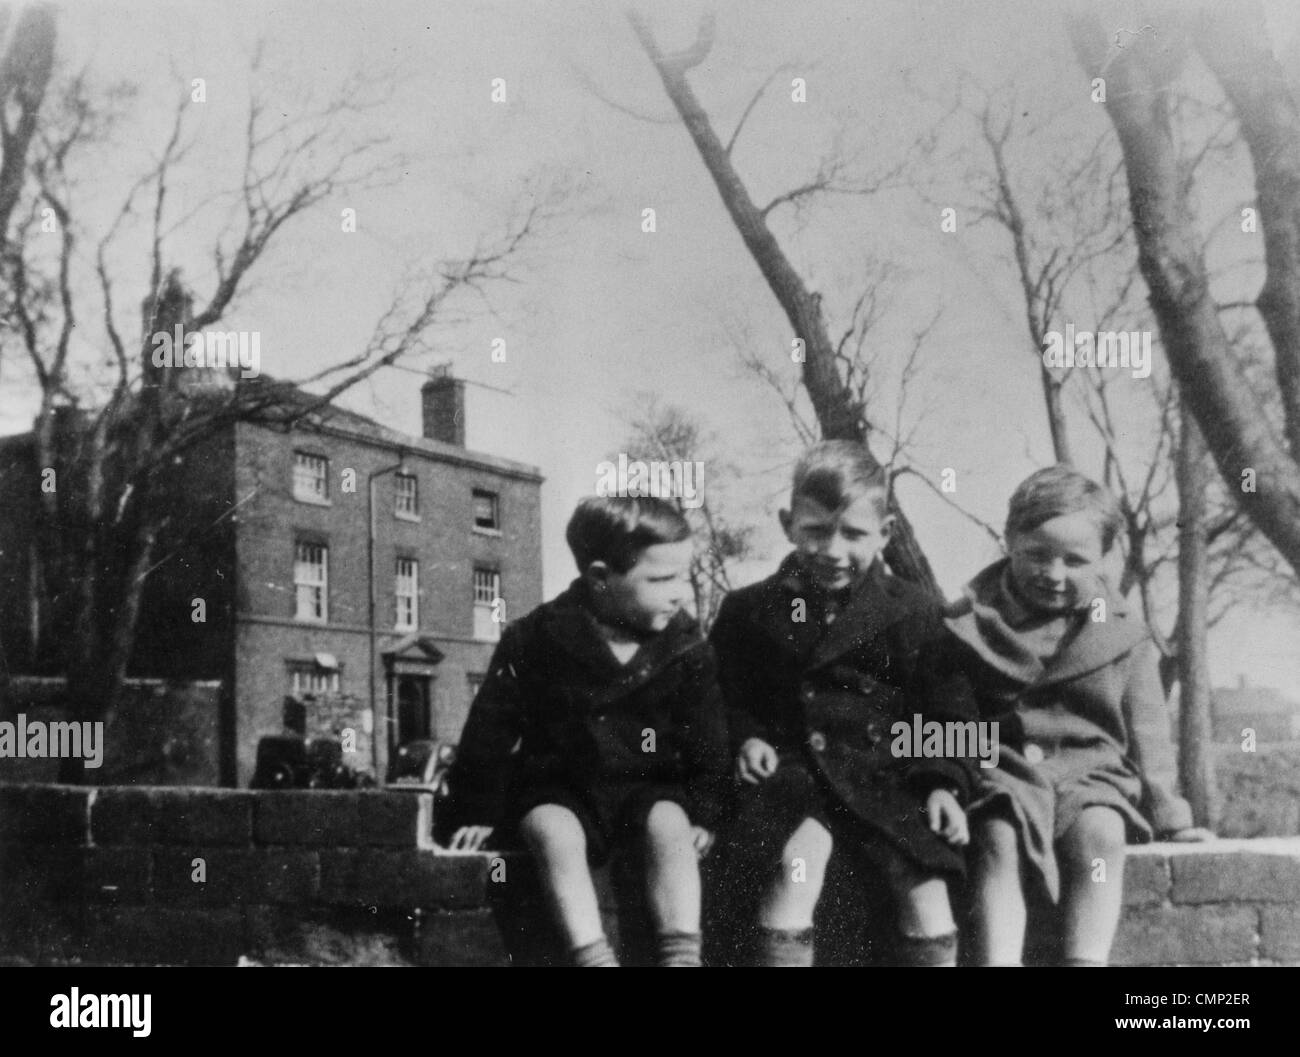 bushbury hill farm bushbury ca 1940 drei kinder sitzen auf einer mauer vor dem. Black Bedroom Furniture Sets. Home Design Ideas